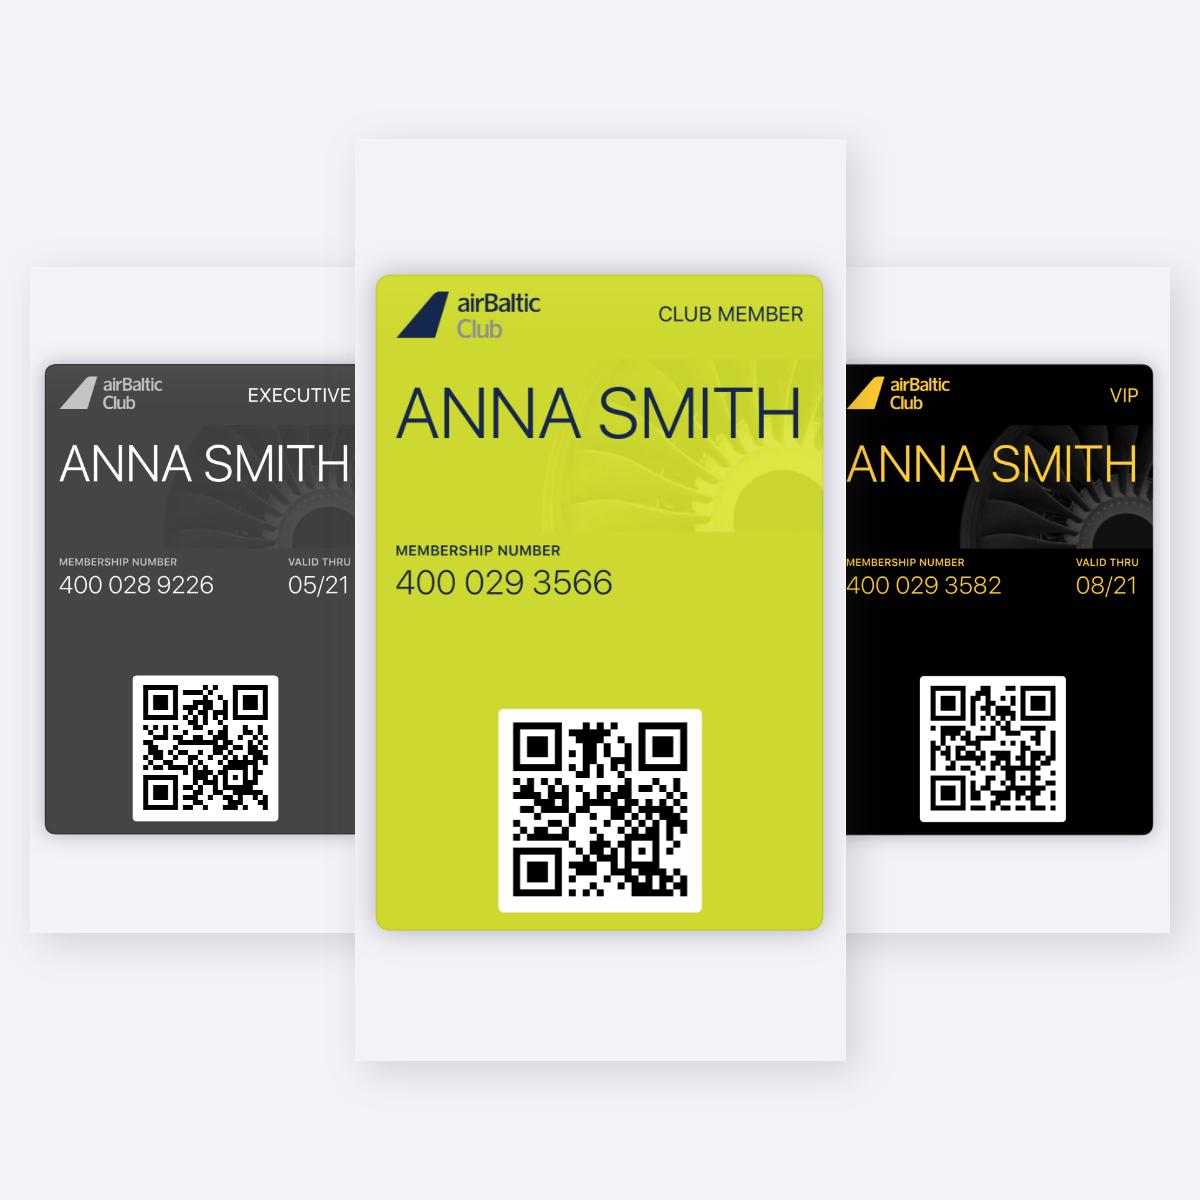 Esittelemme uudet airBaltic Clubin digitaaliset kortit image